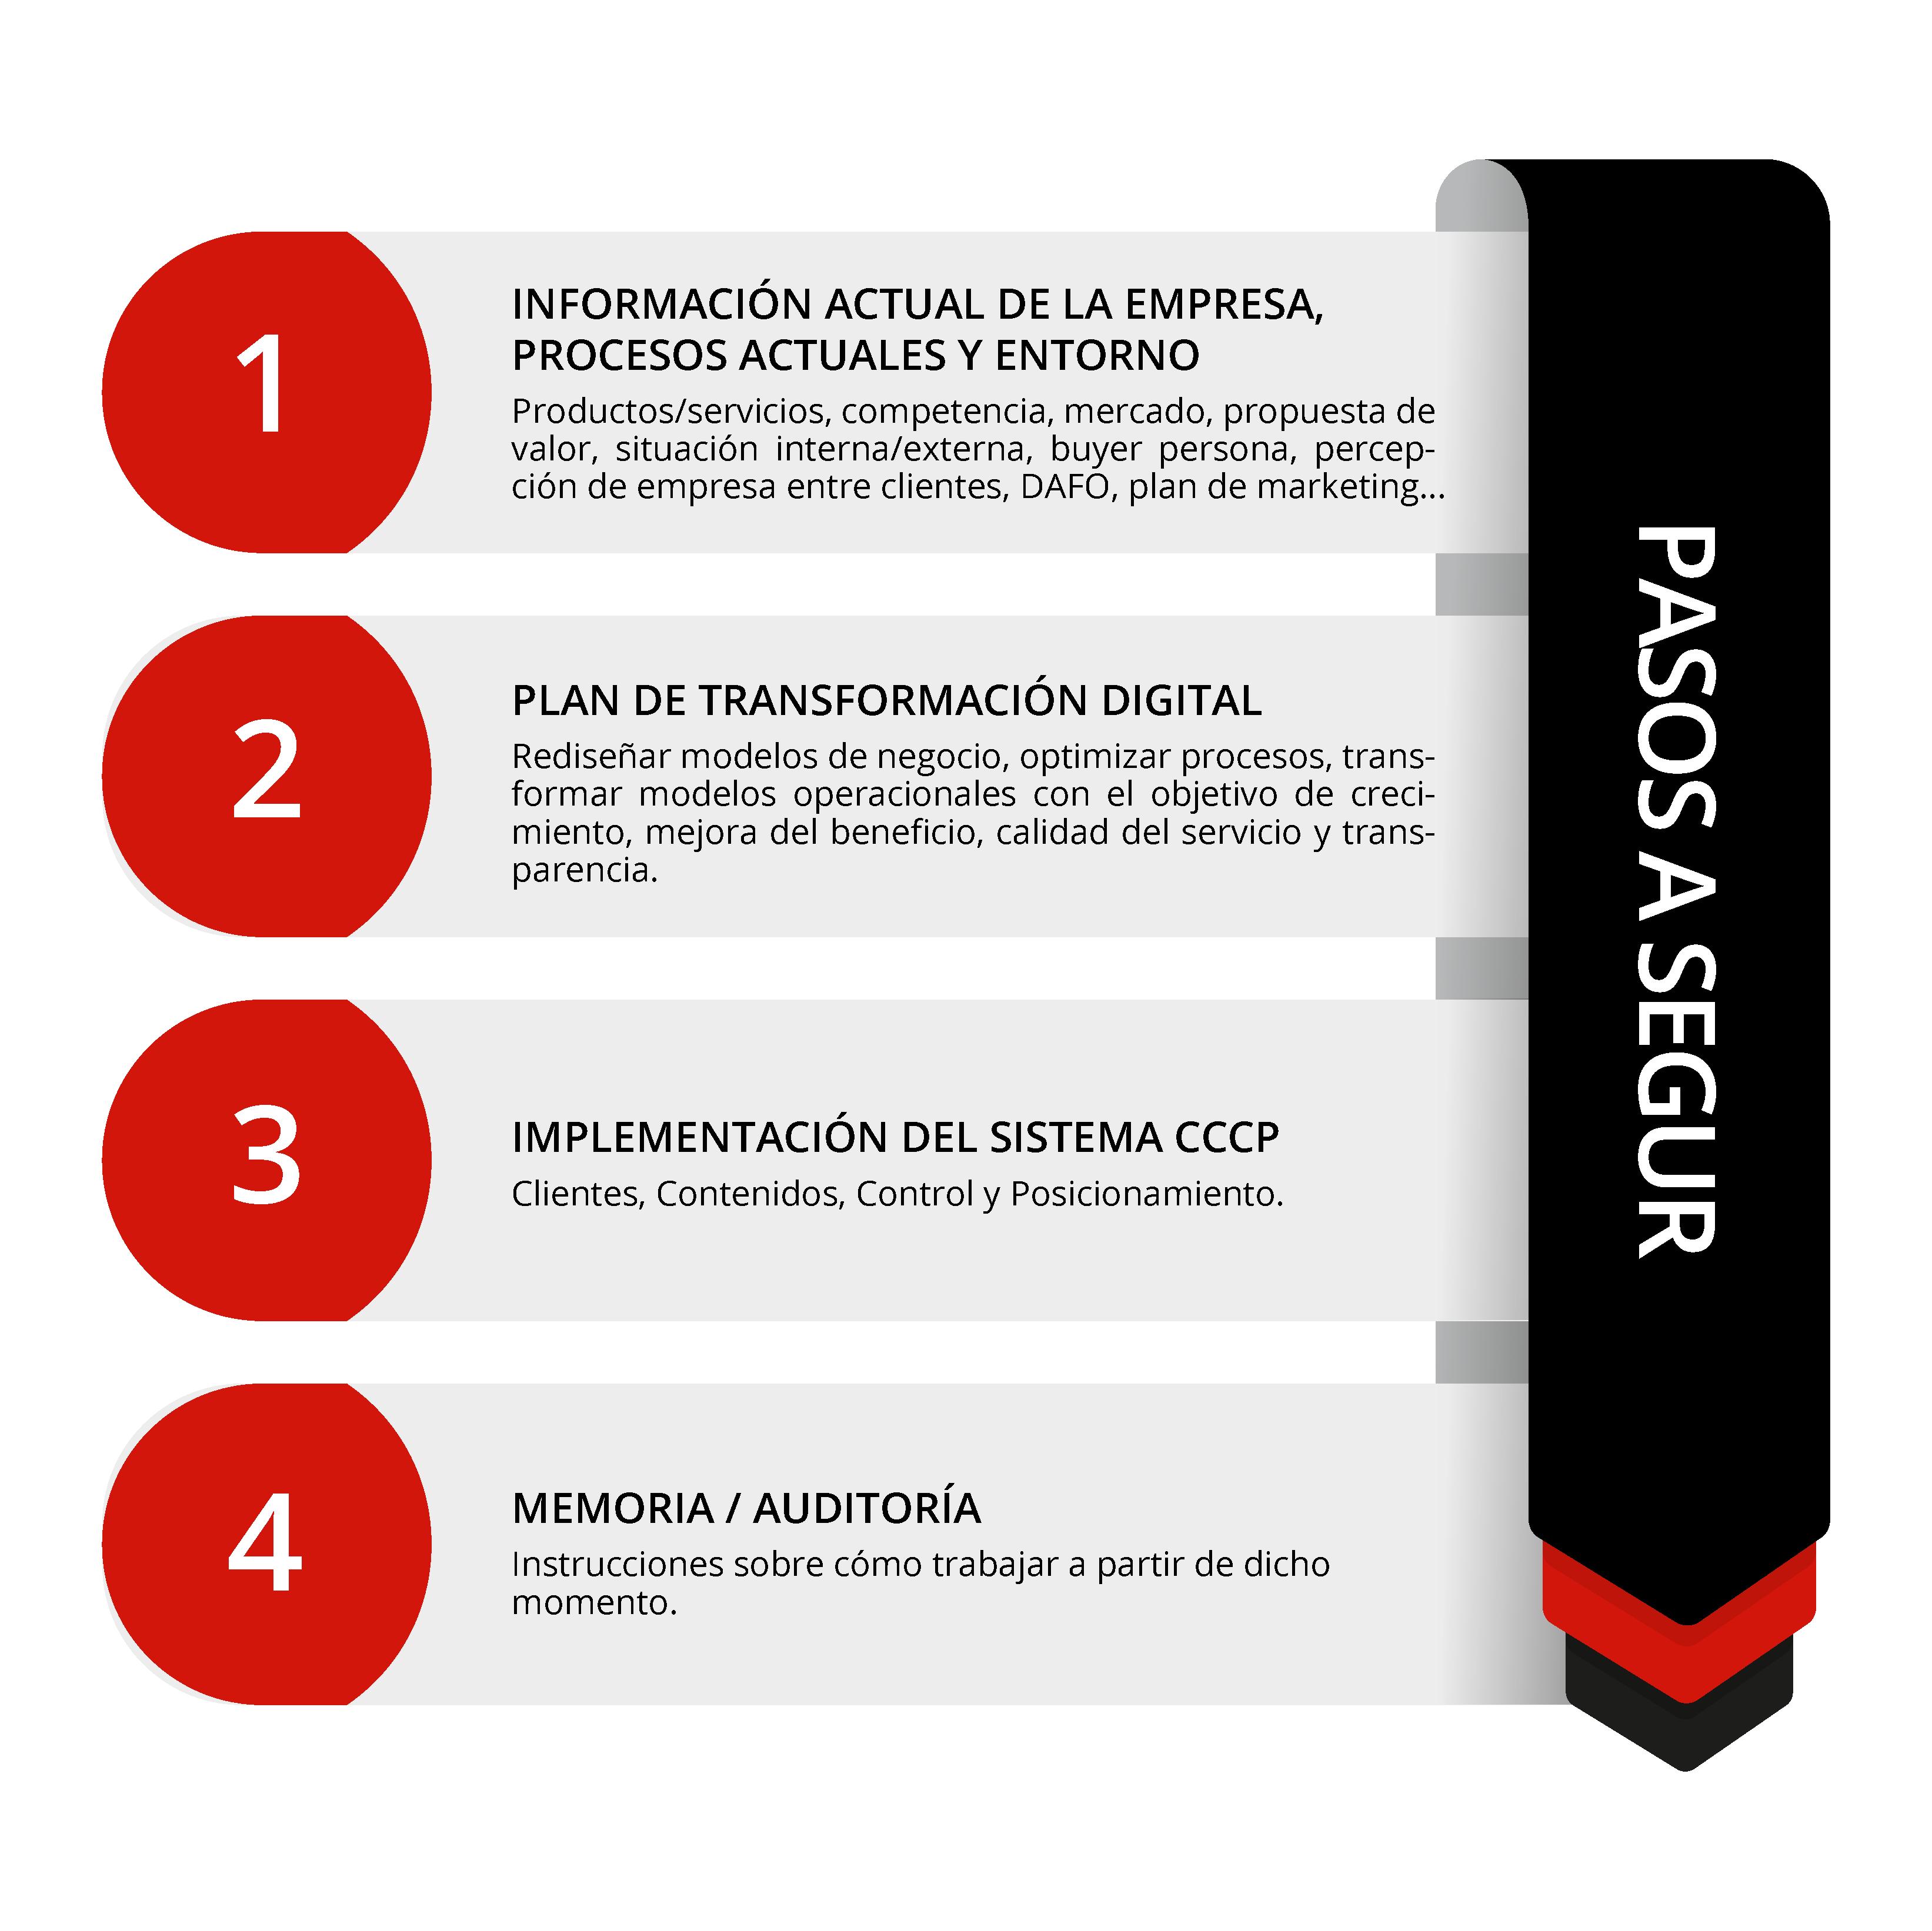 pasos a seguir en la transformación digital